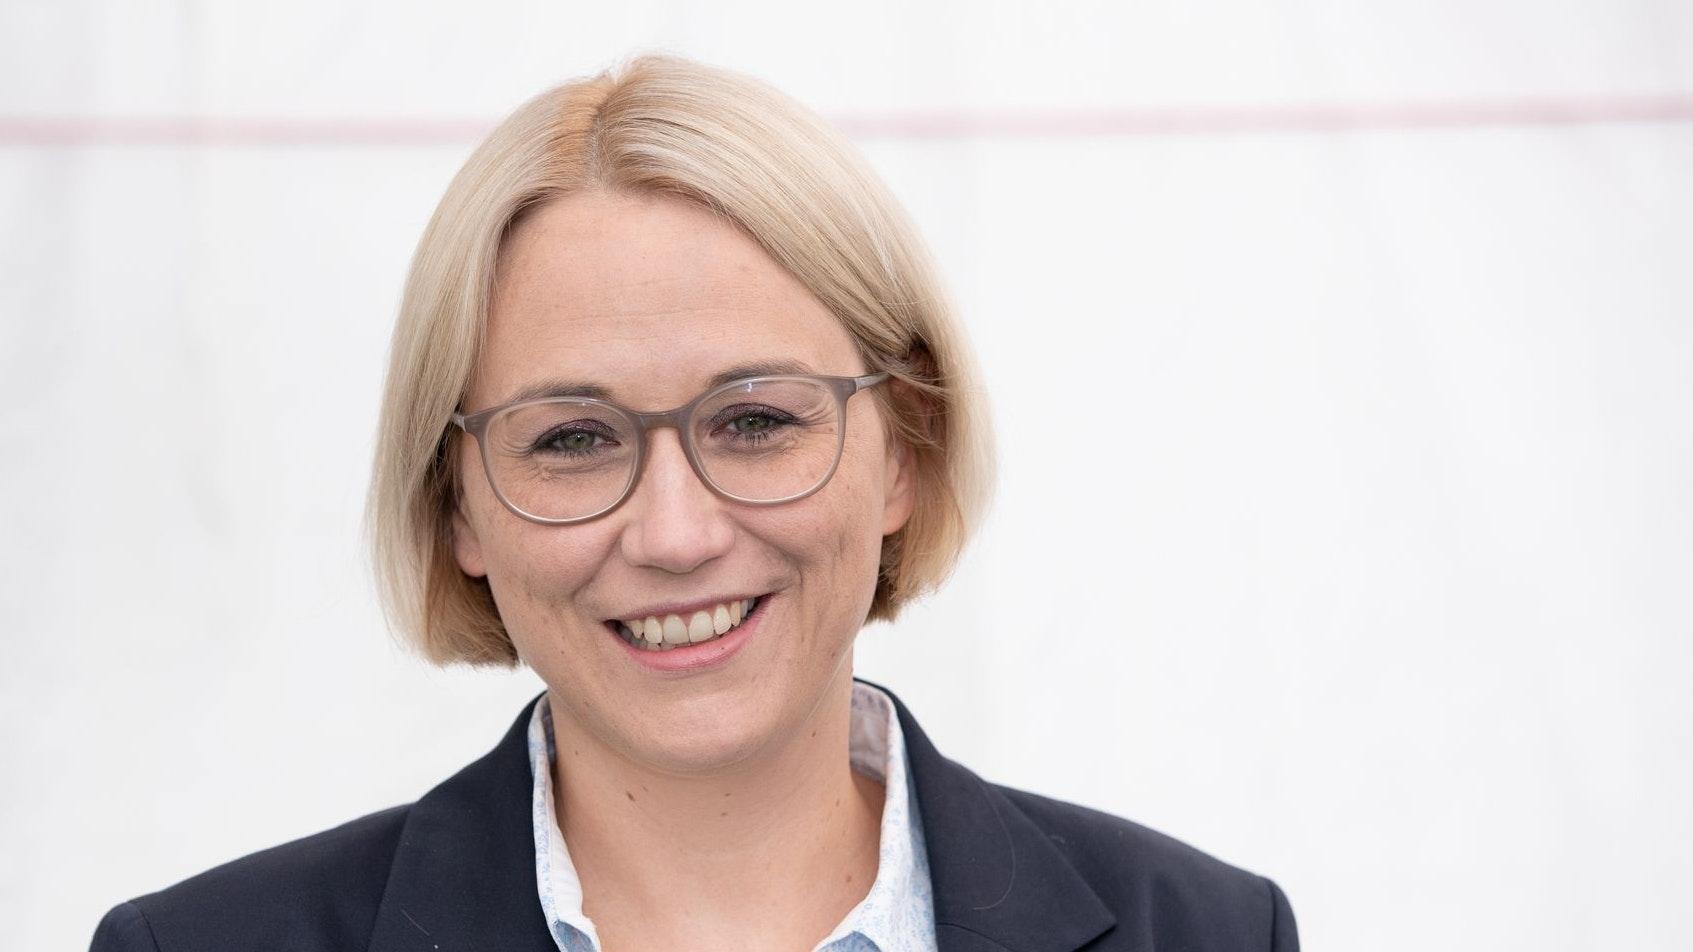 Sigerin der ersten Runde: Katharina Pötter (CDU). Foto: dpa/Gentsch